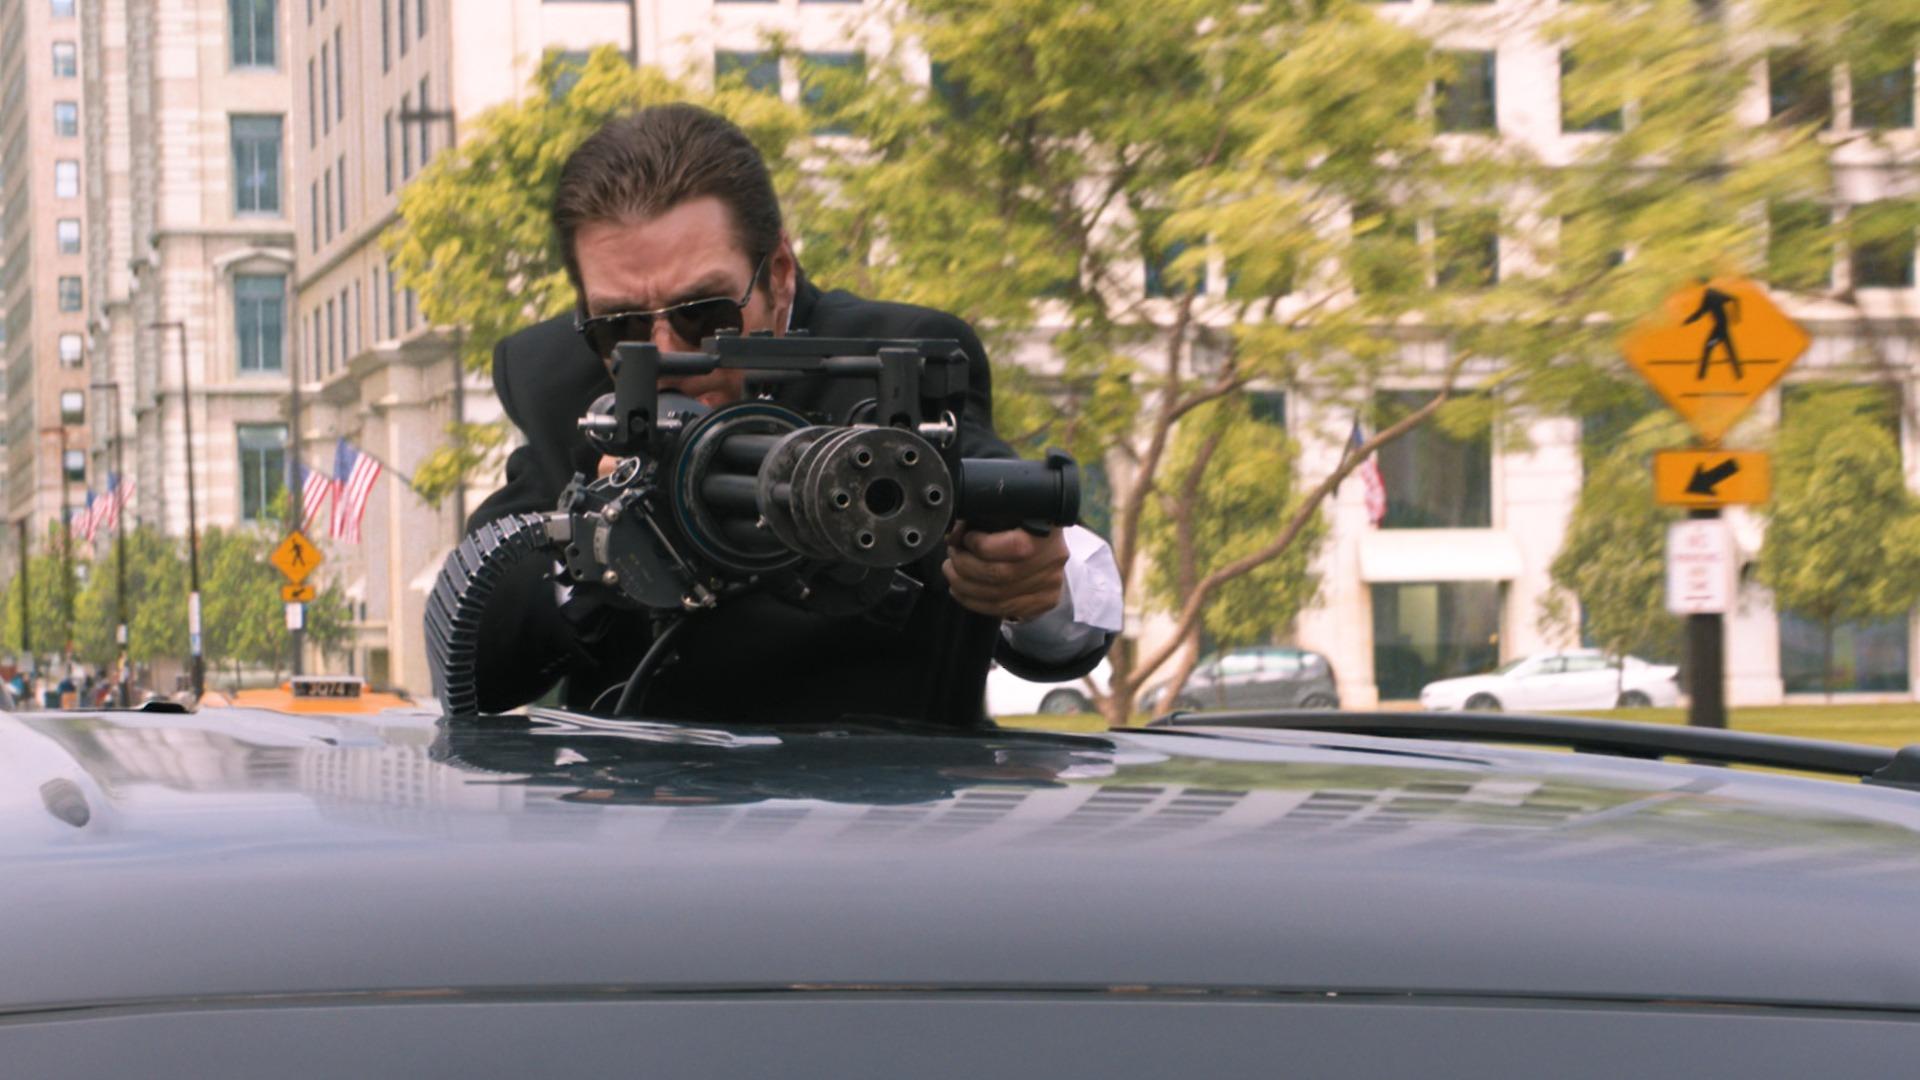 #电影迷的修养#《沉睡魔咒》4K高清60帧视频剪辑欣赏